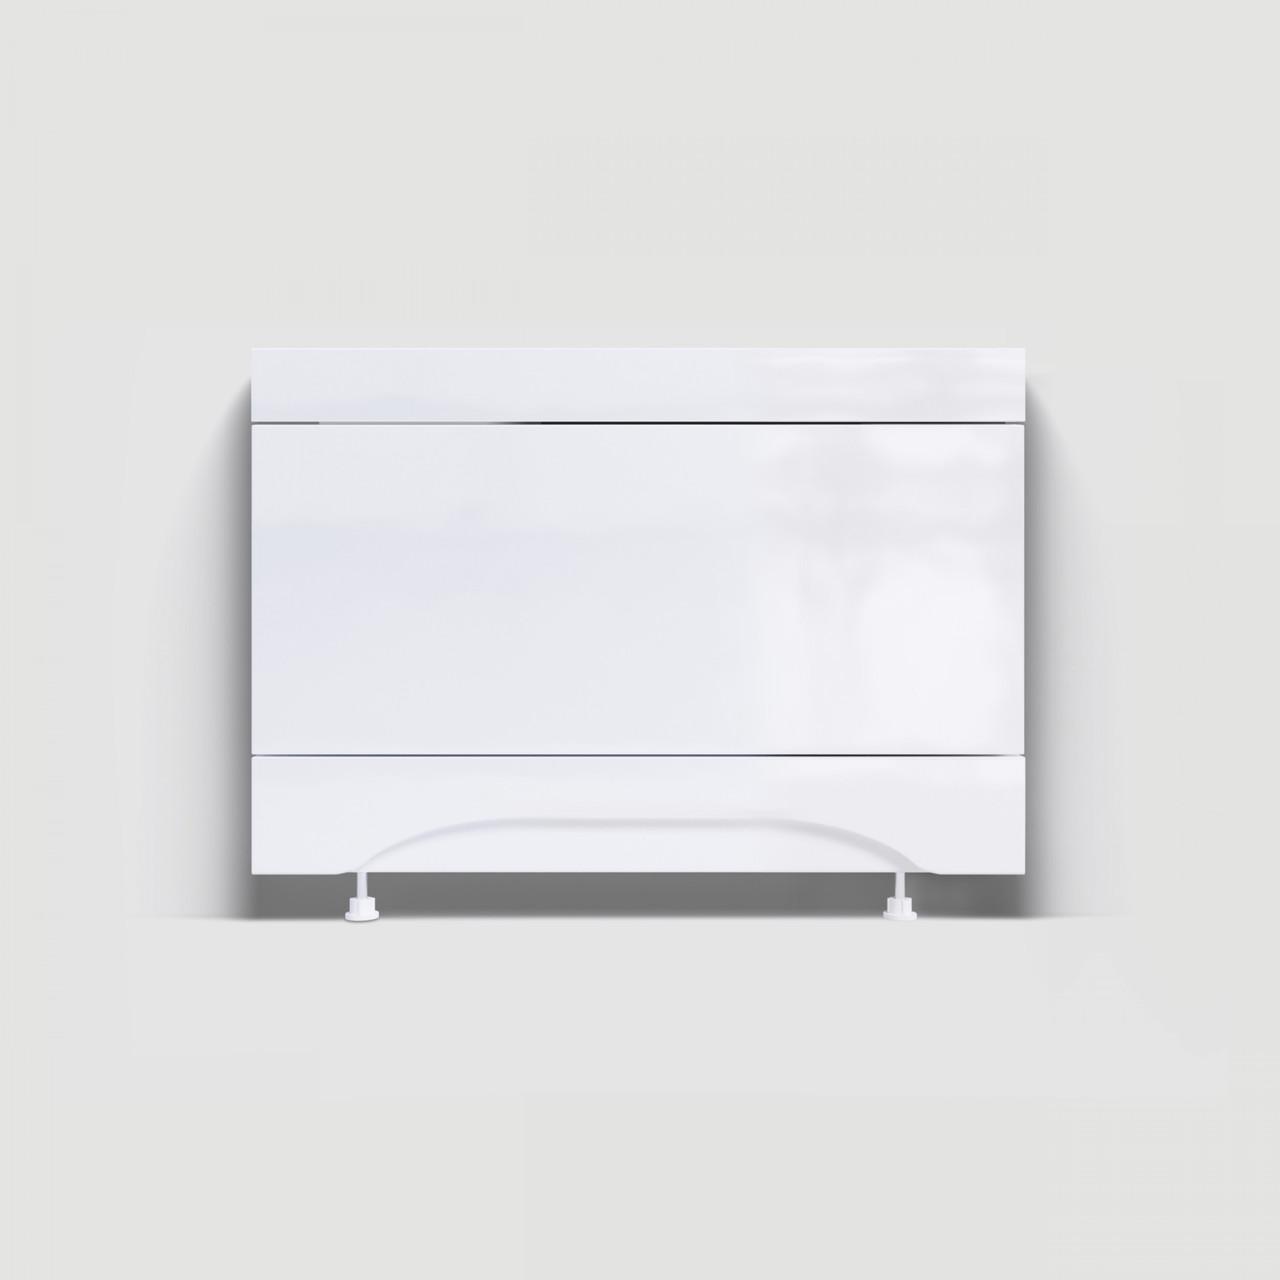 Панель для ванны боковая Alavann 0,75 м МДФ